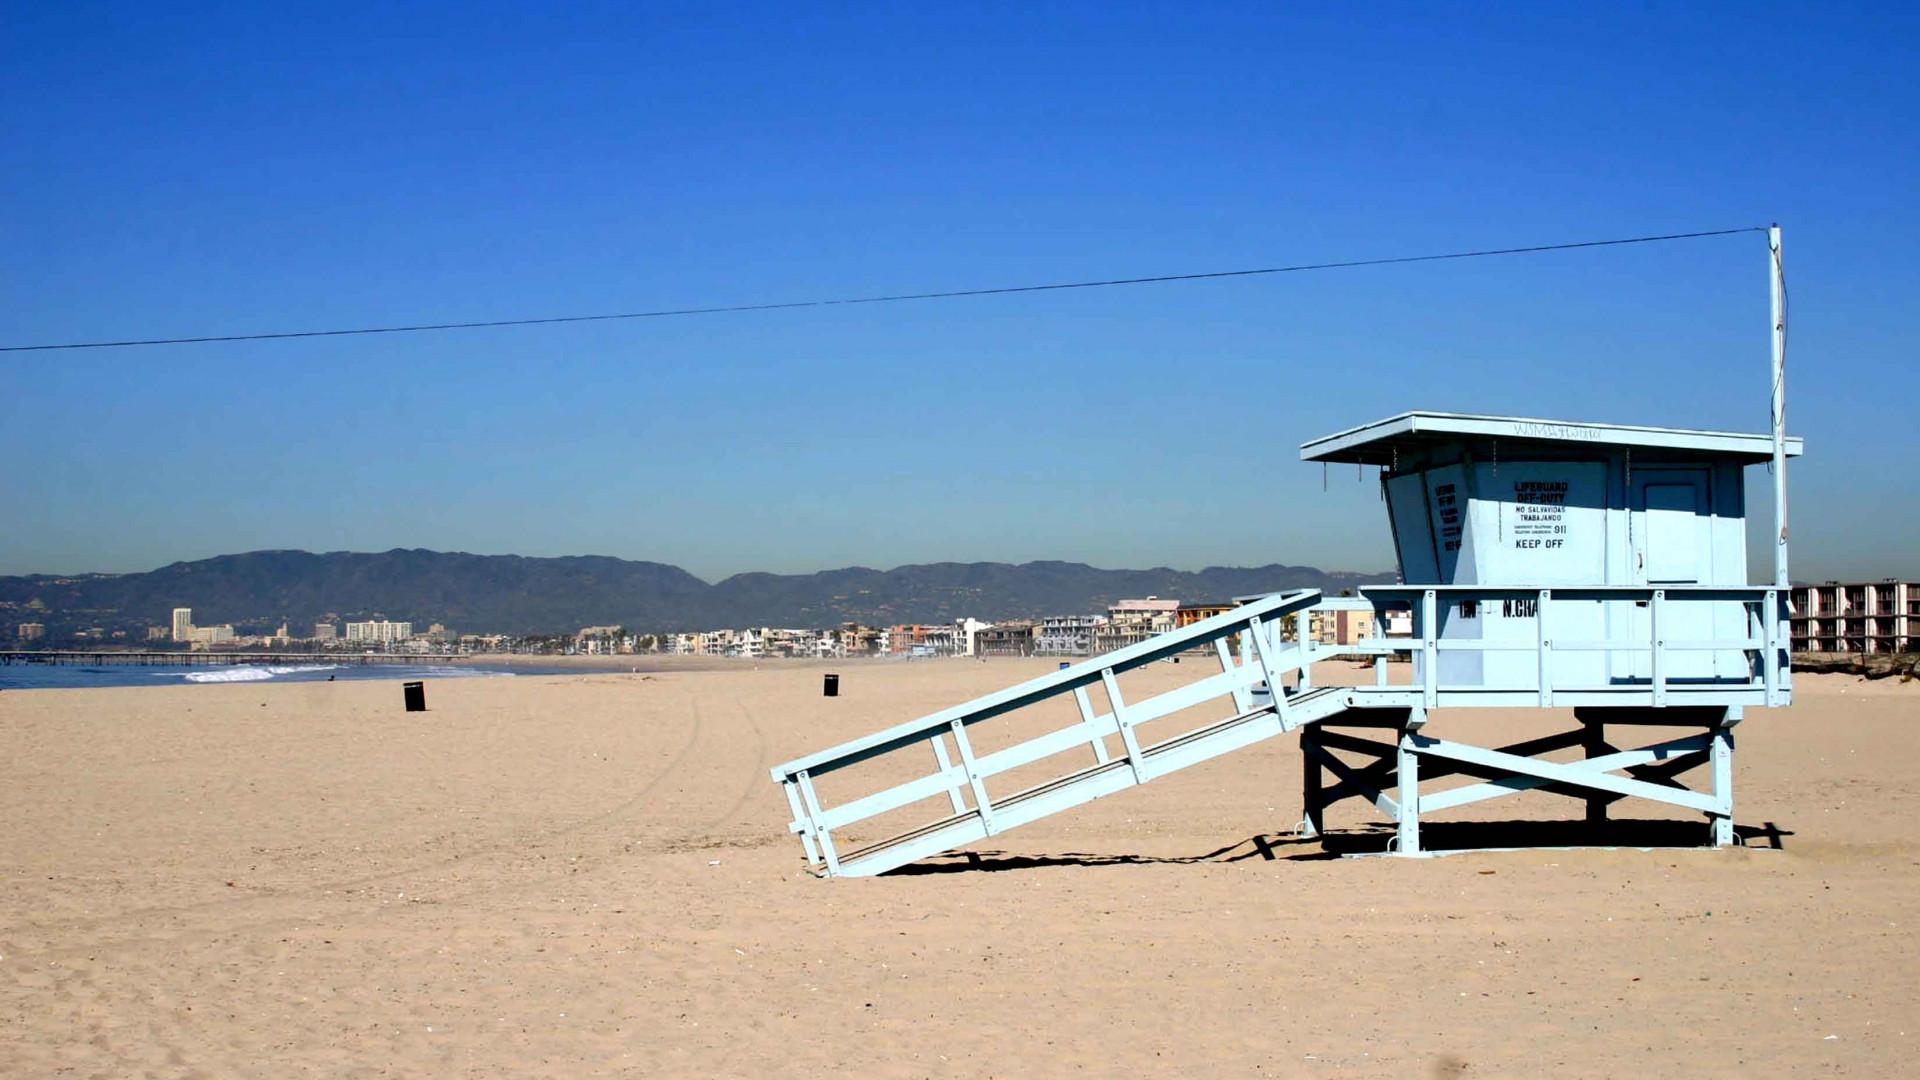 Lifeguard Booth on Venice Beach LR